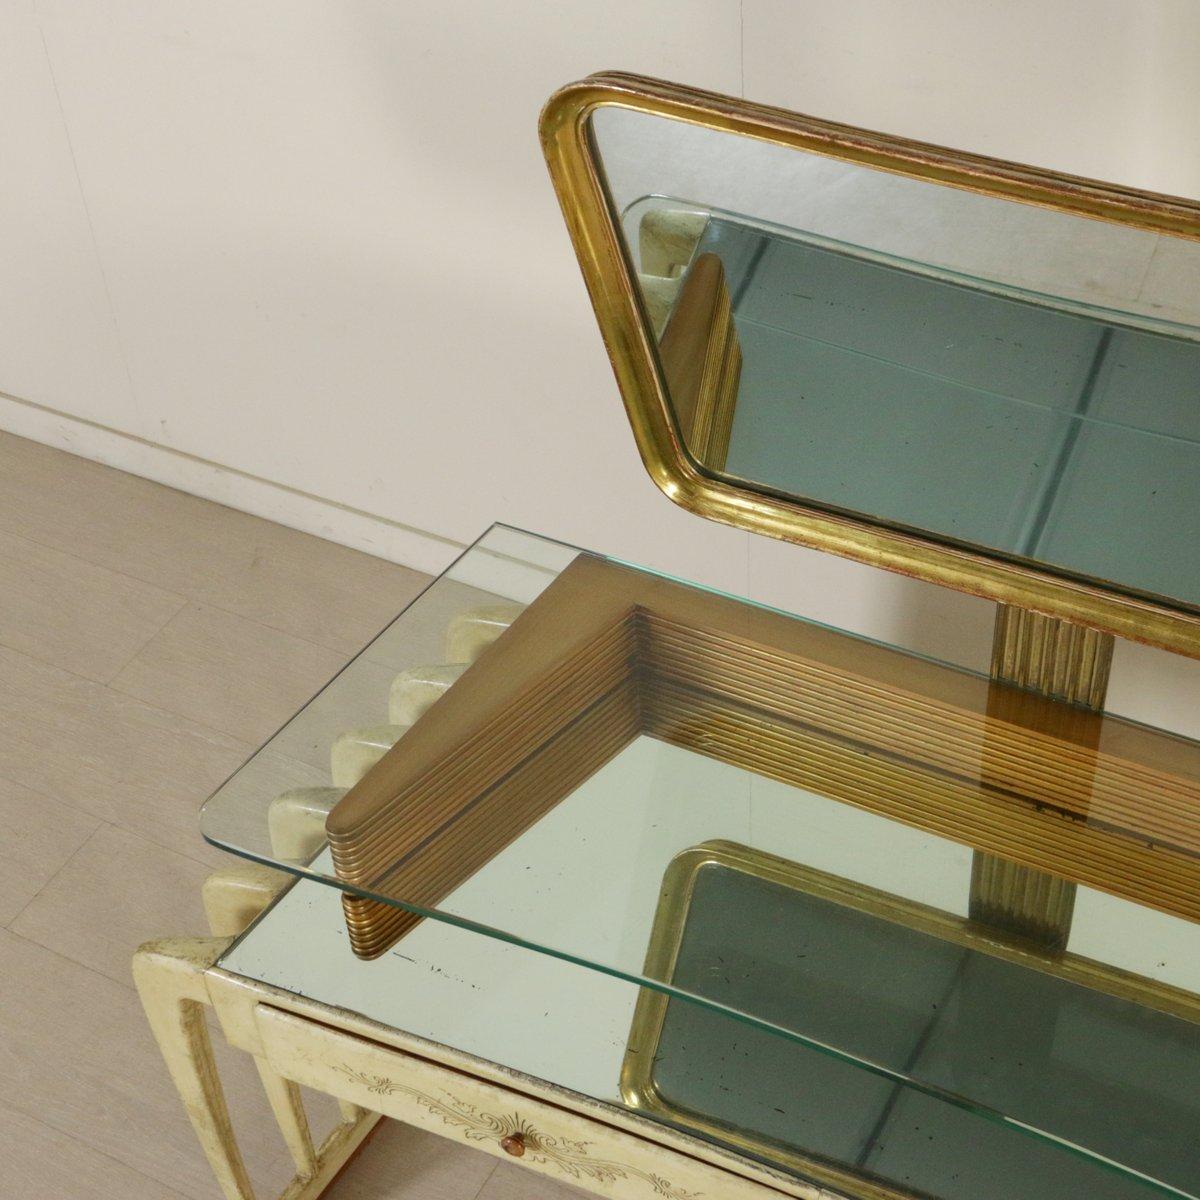 coiffeuse vintage en parchemin de bois et verre italie 1950s en vente sur pamono. Black Bedroom Furniture Sets. Home Design Ideas